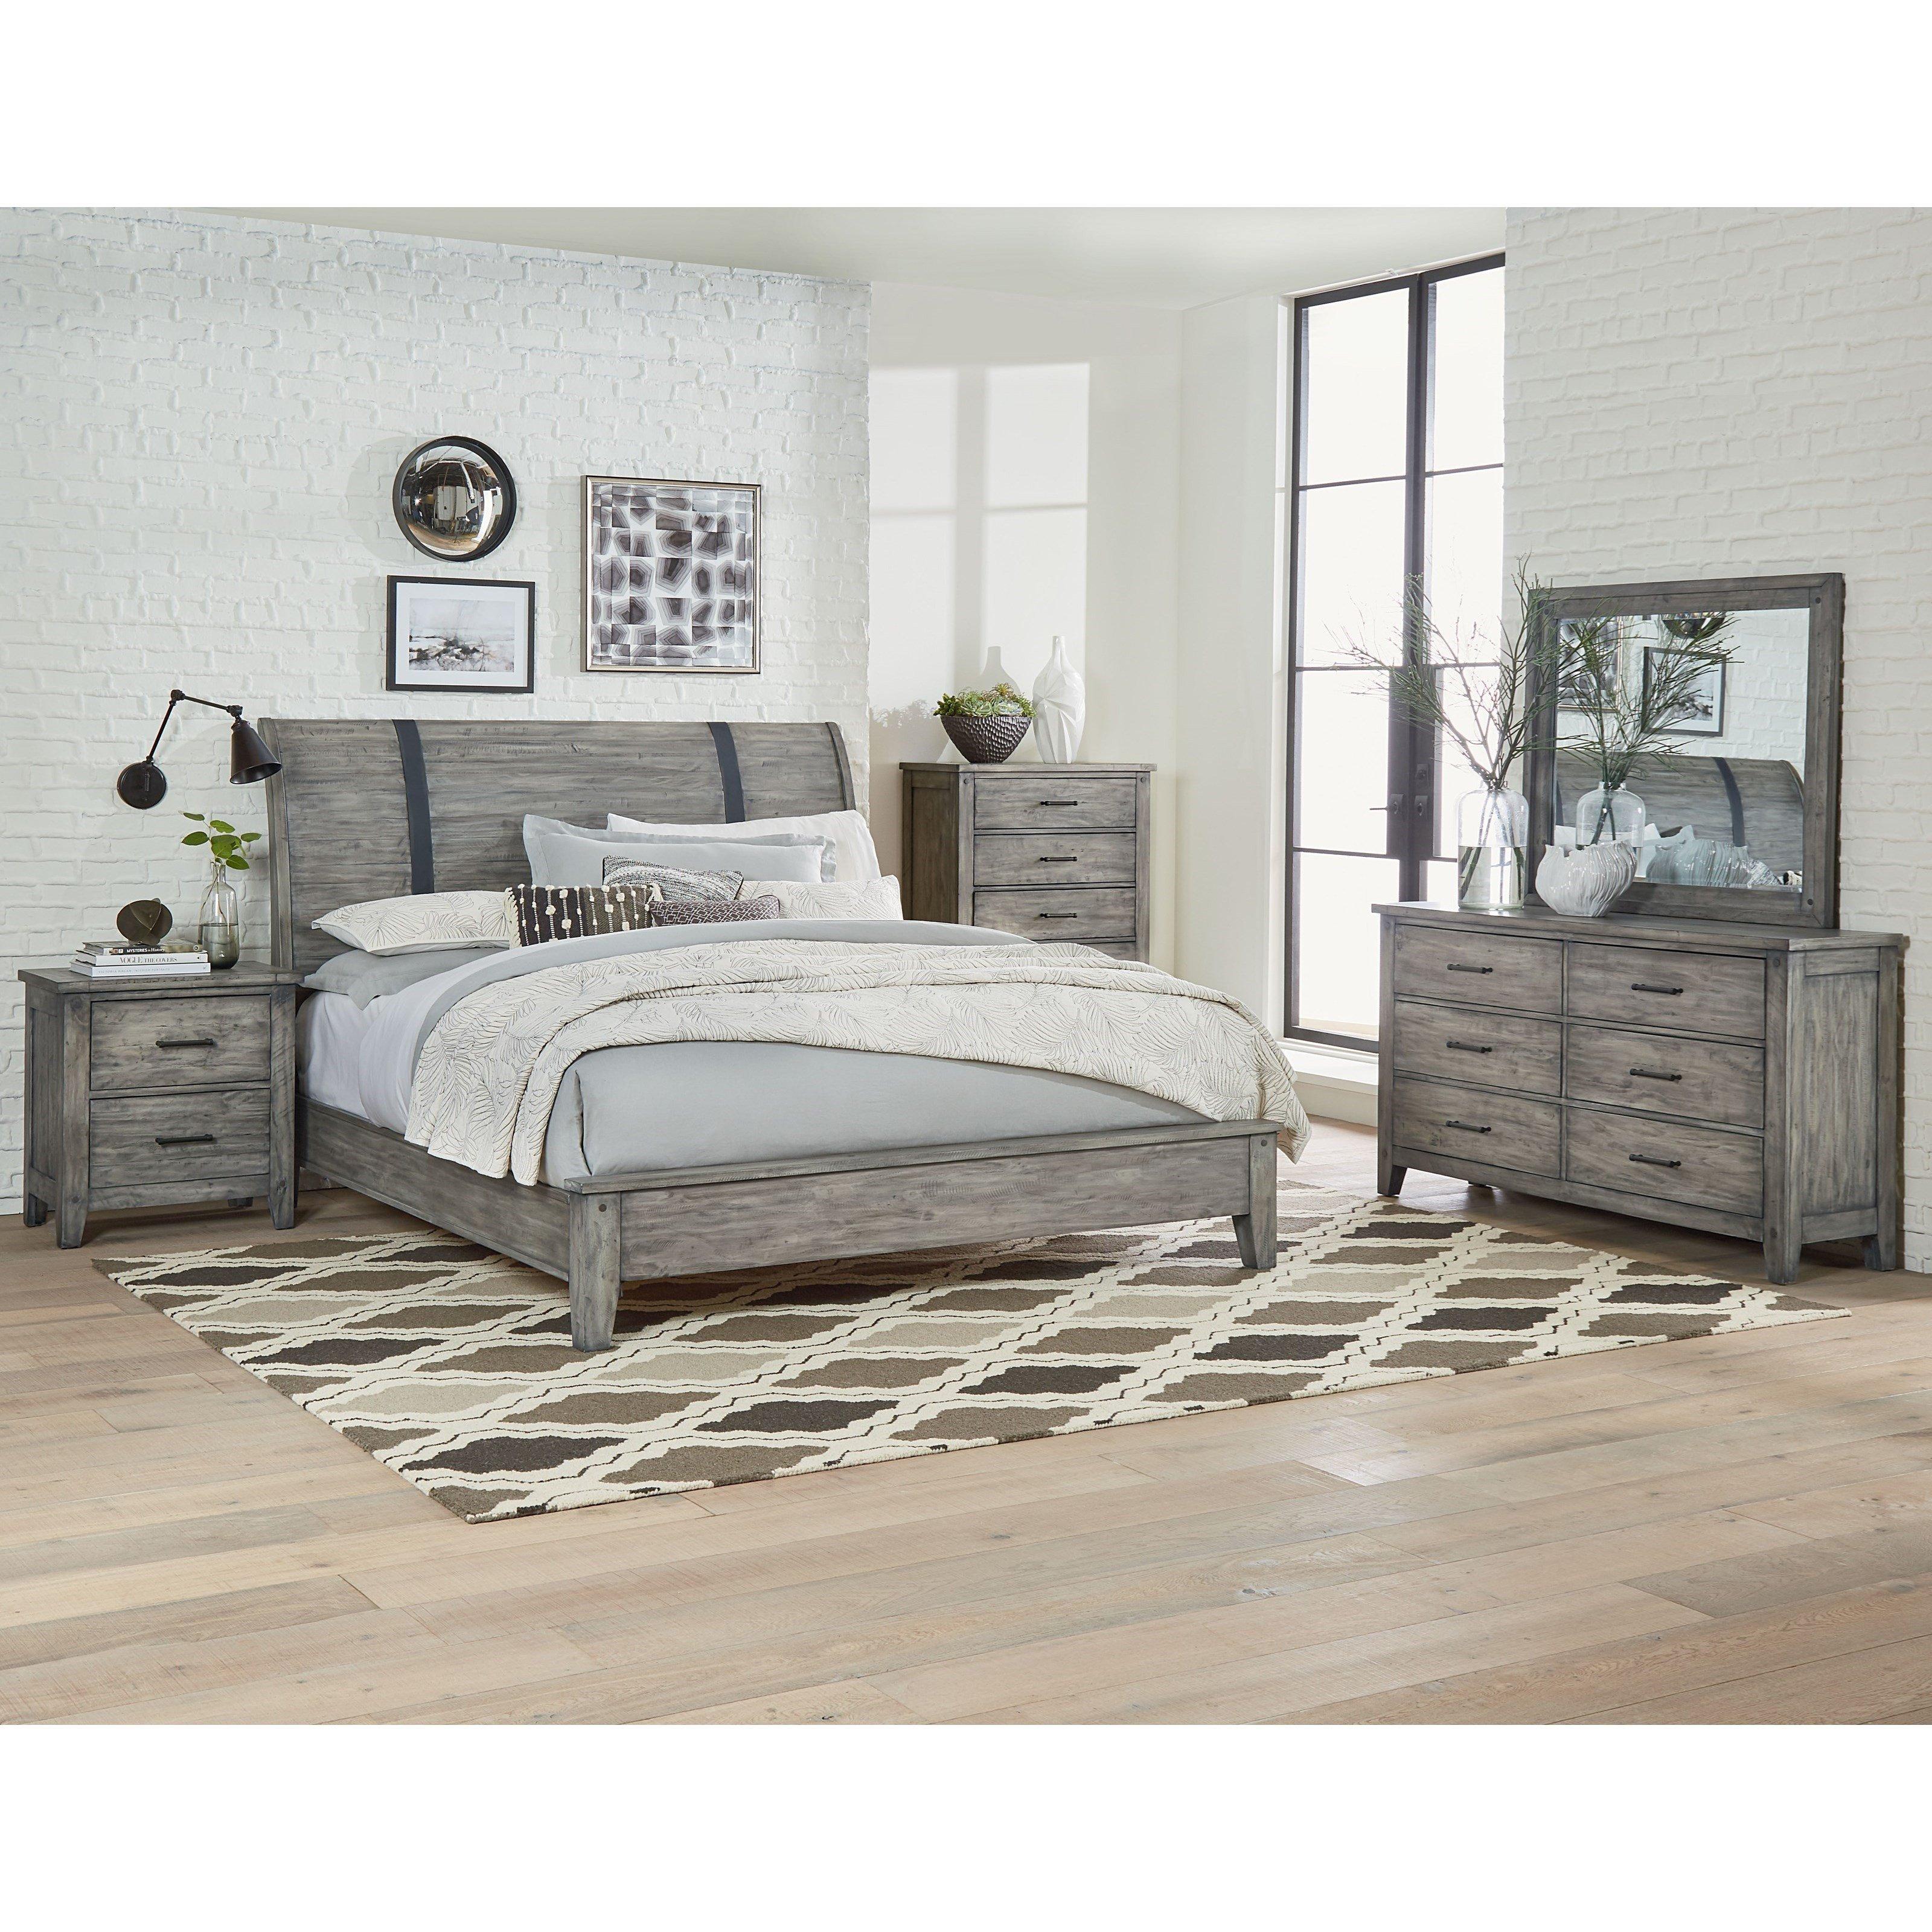 6 Piece Queen Bedroom Set Lovely Standard Furniture Nelson Queen Bedroom Group